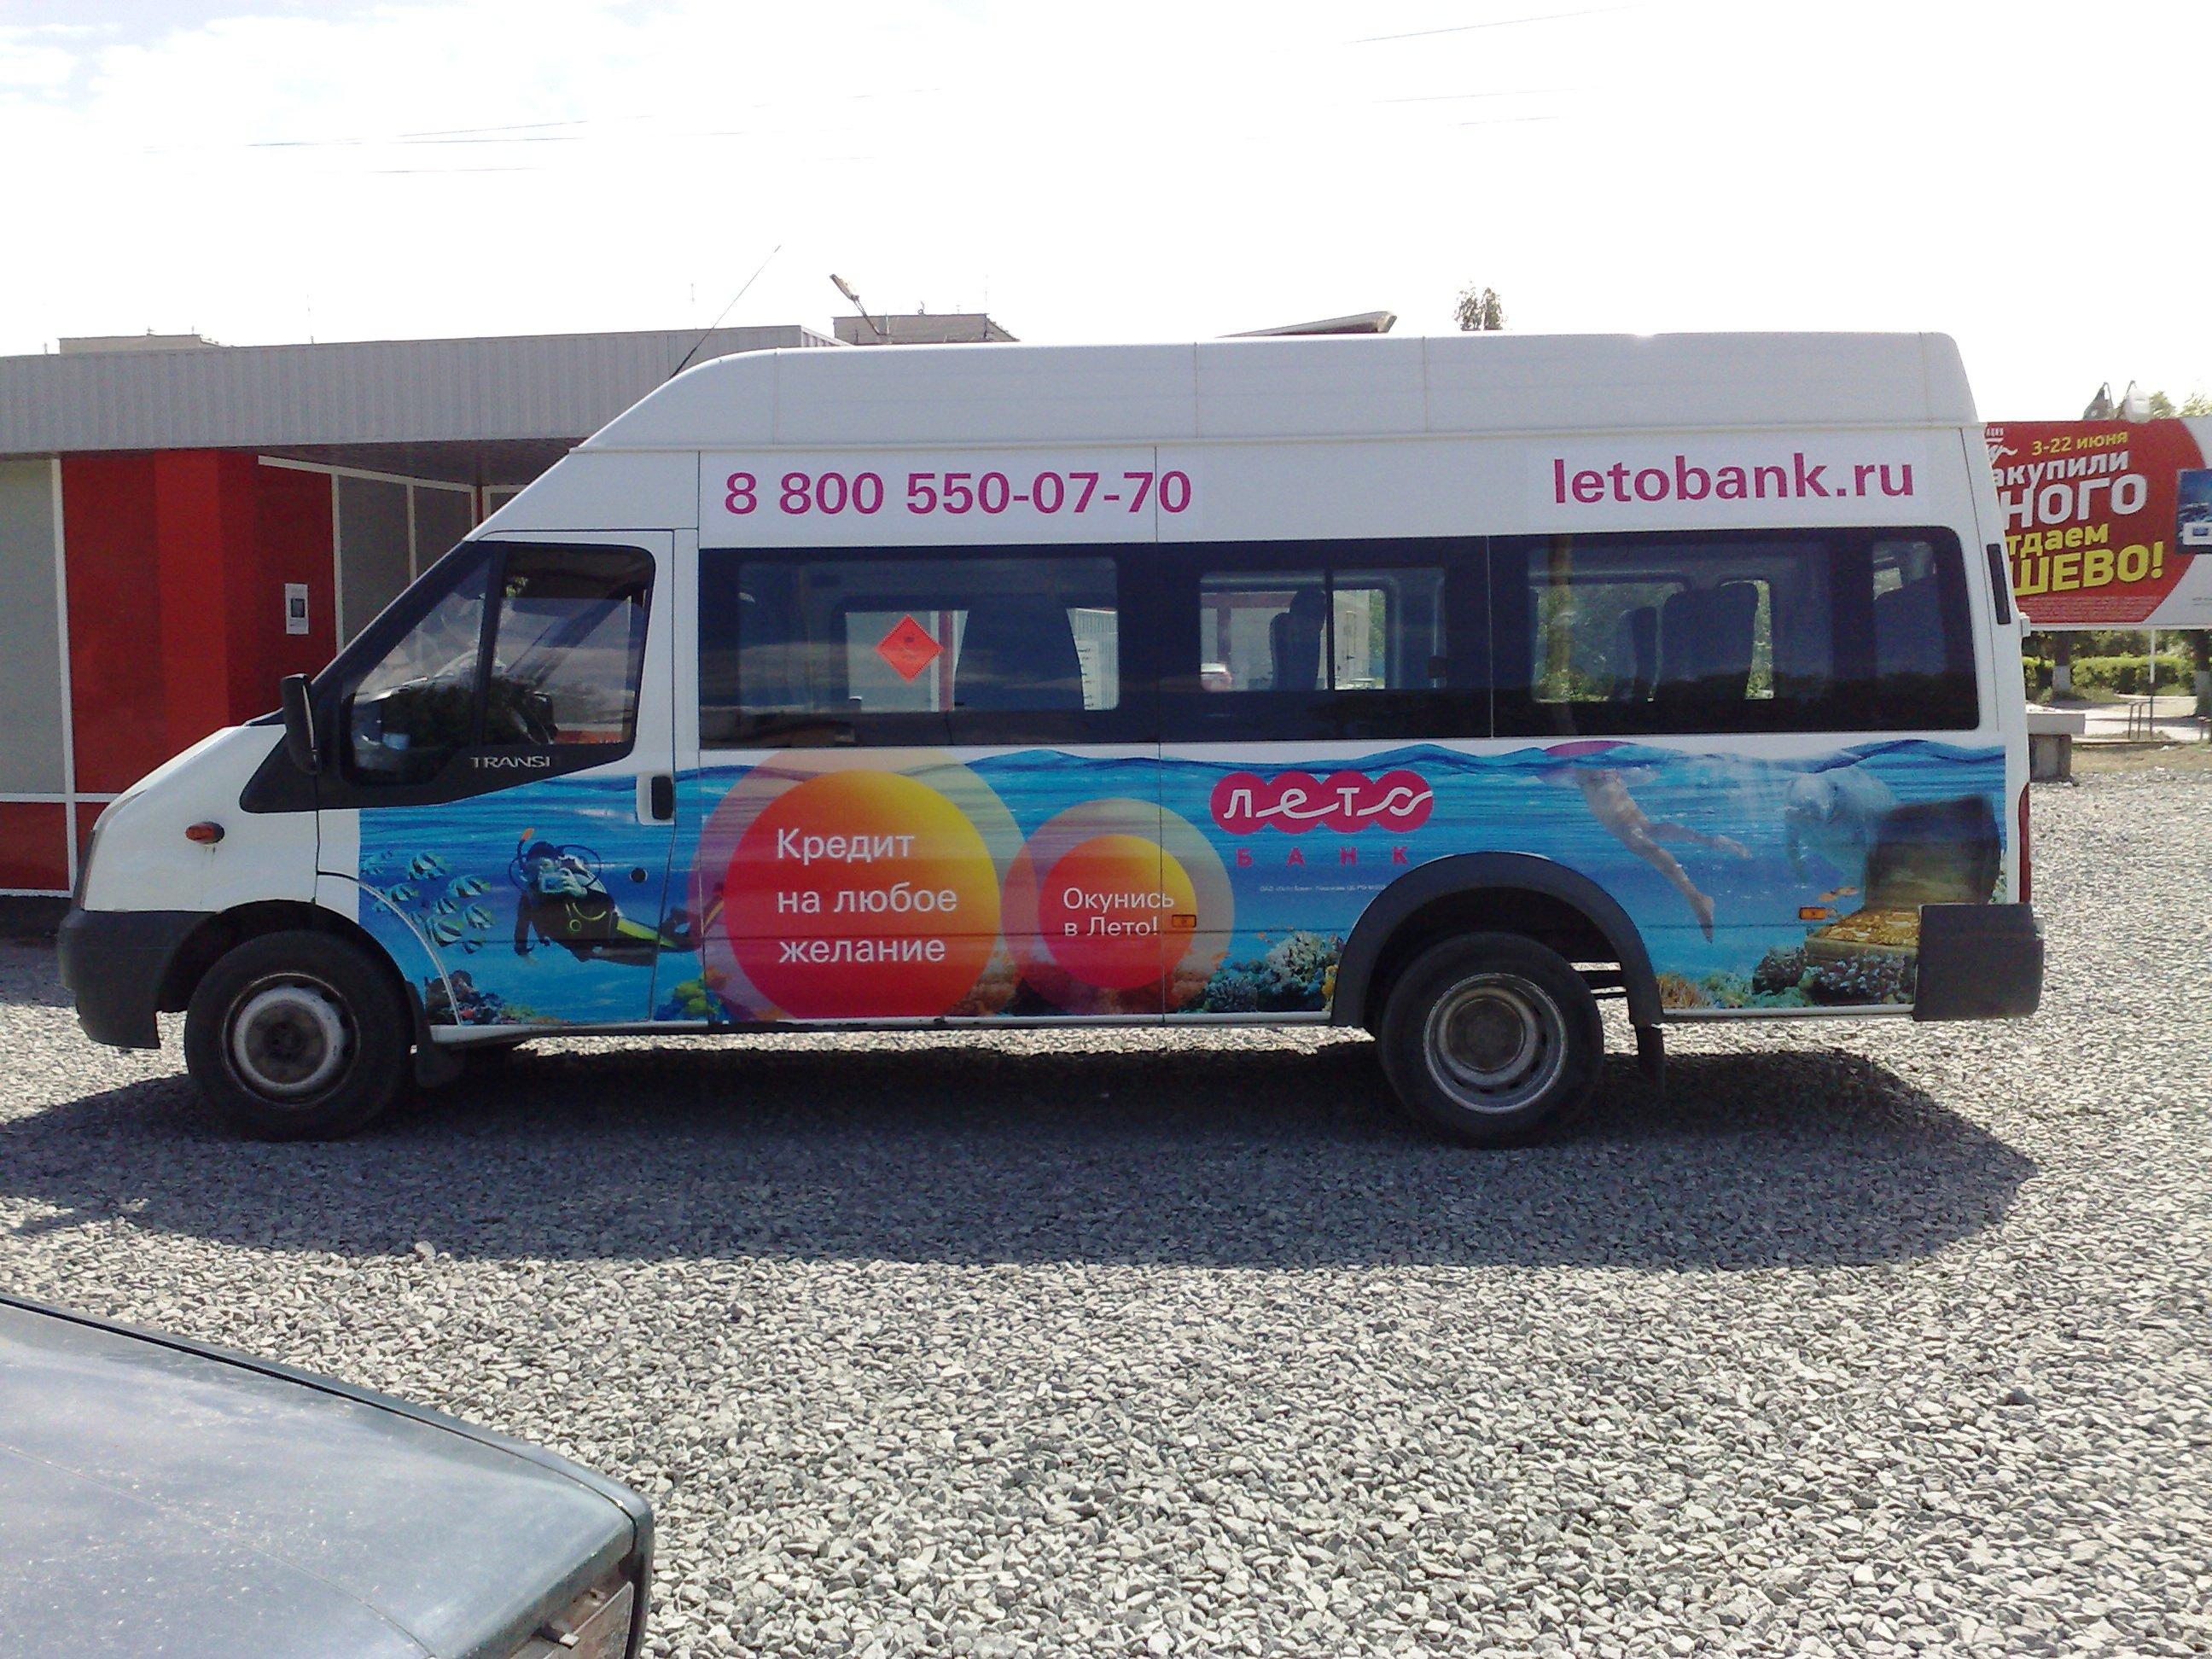 Как рекламировать автобус реклама ресторана на свадебных сайтах